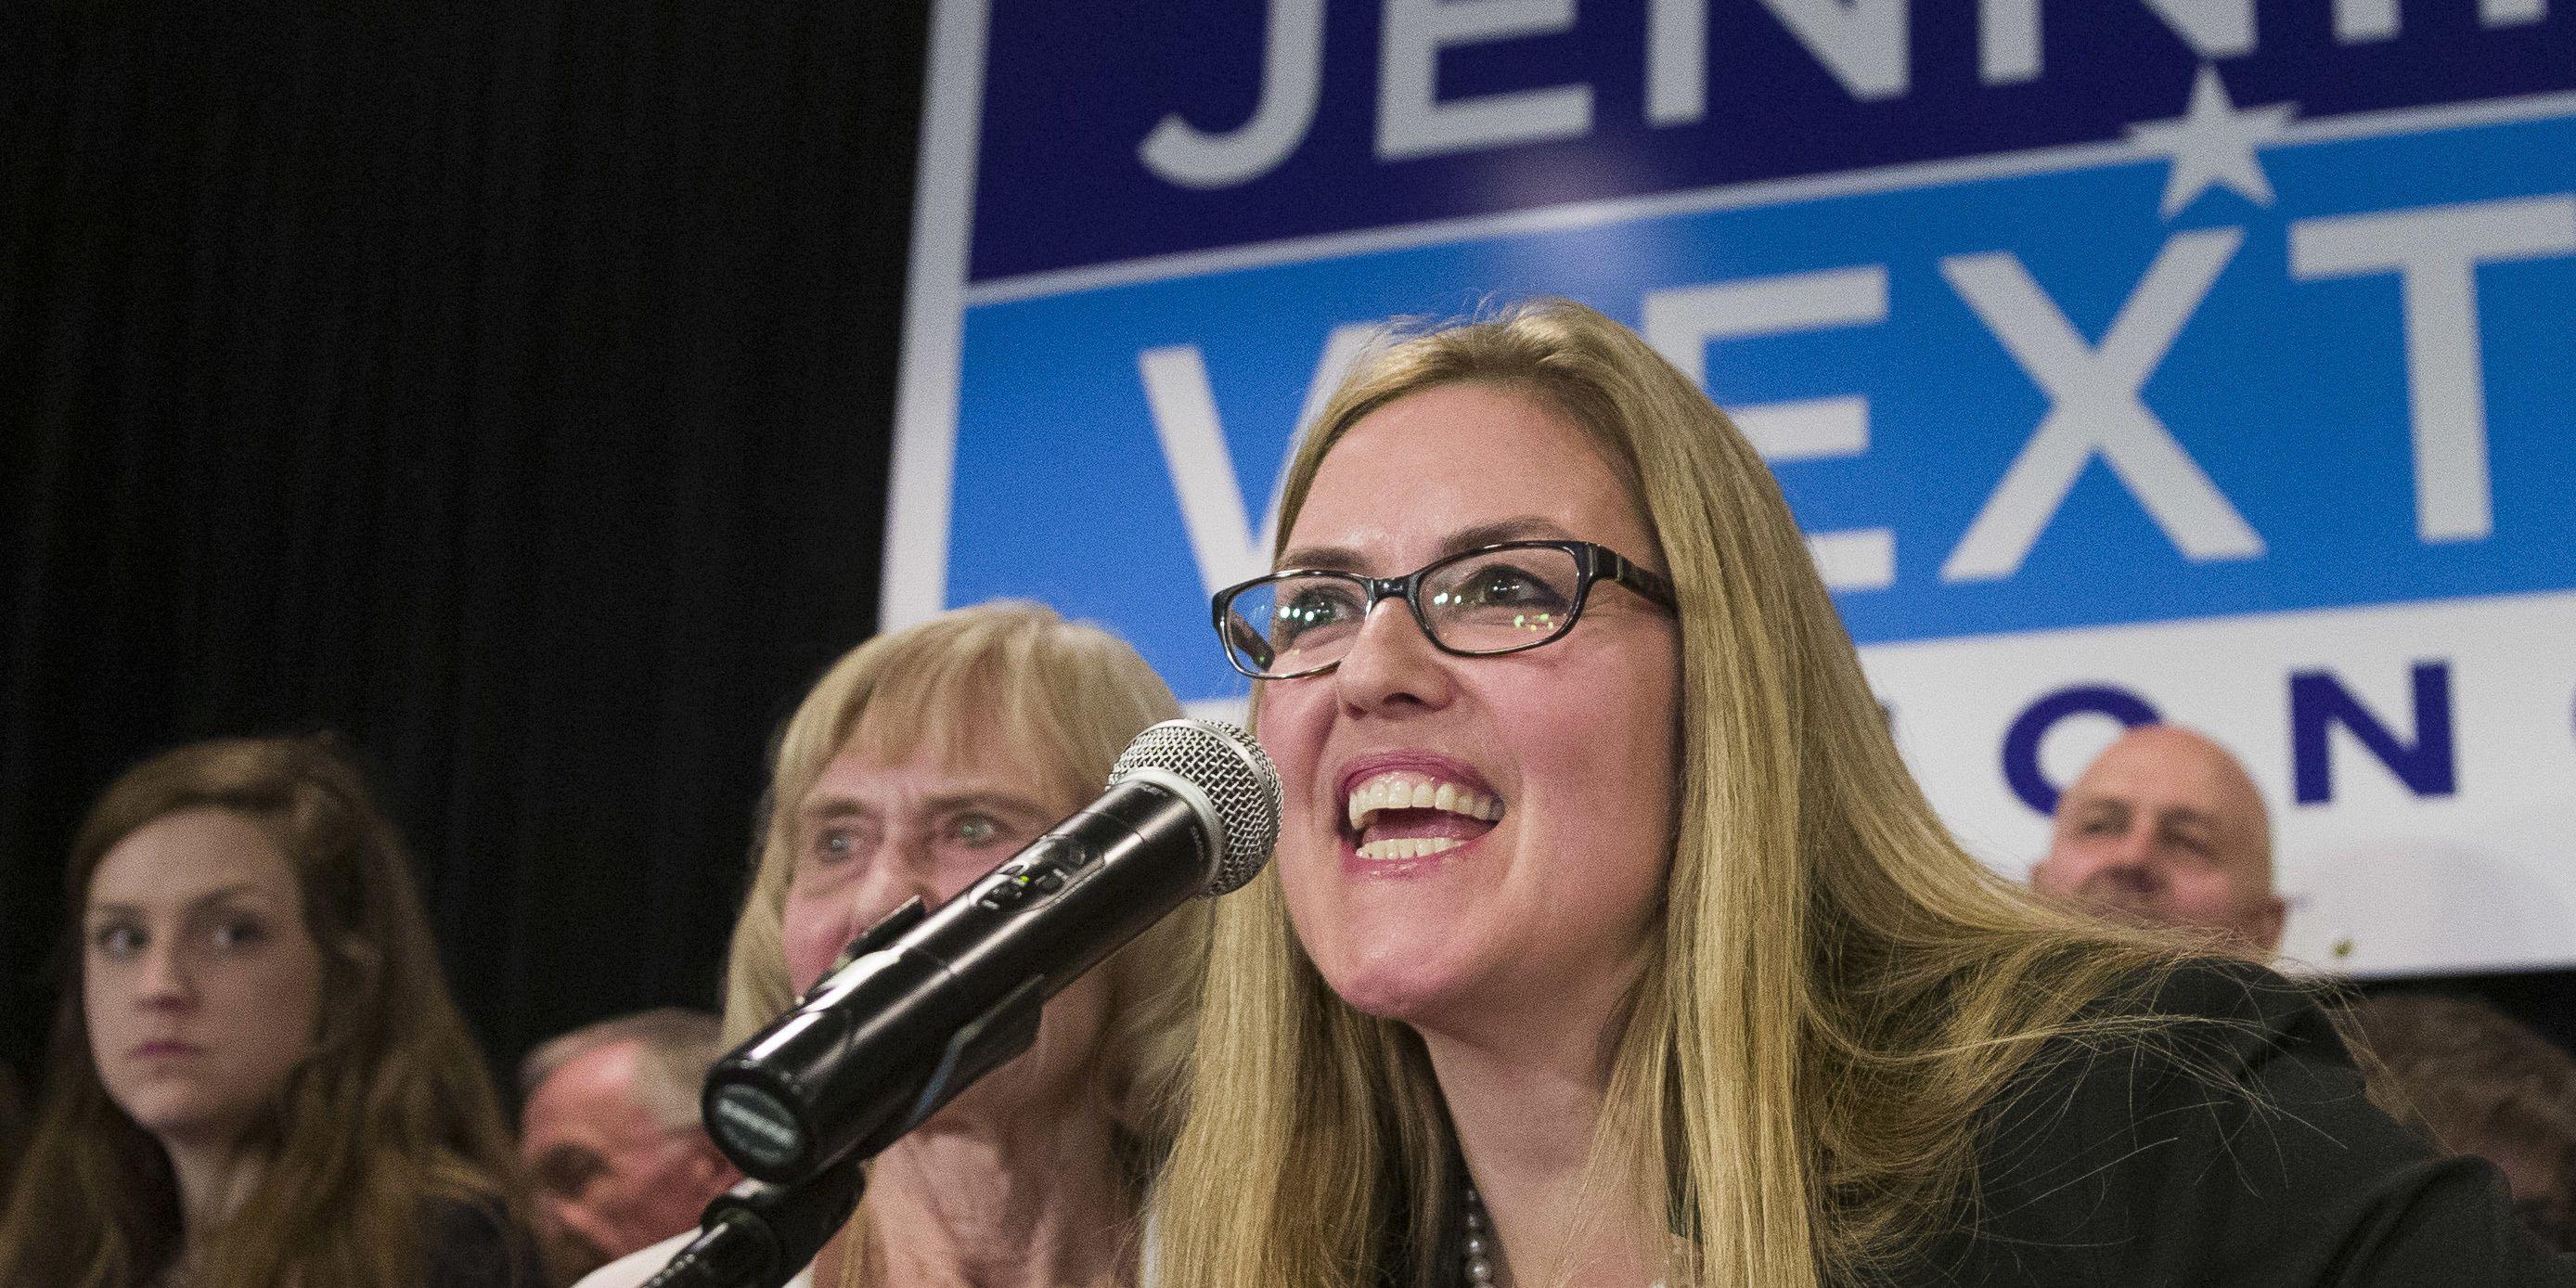 Democrat Jennifer Wexton defeats two-term Republican incumbent Barbara Comstock